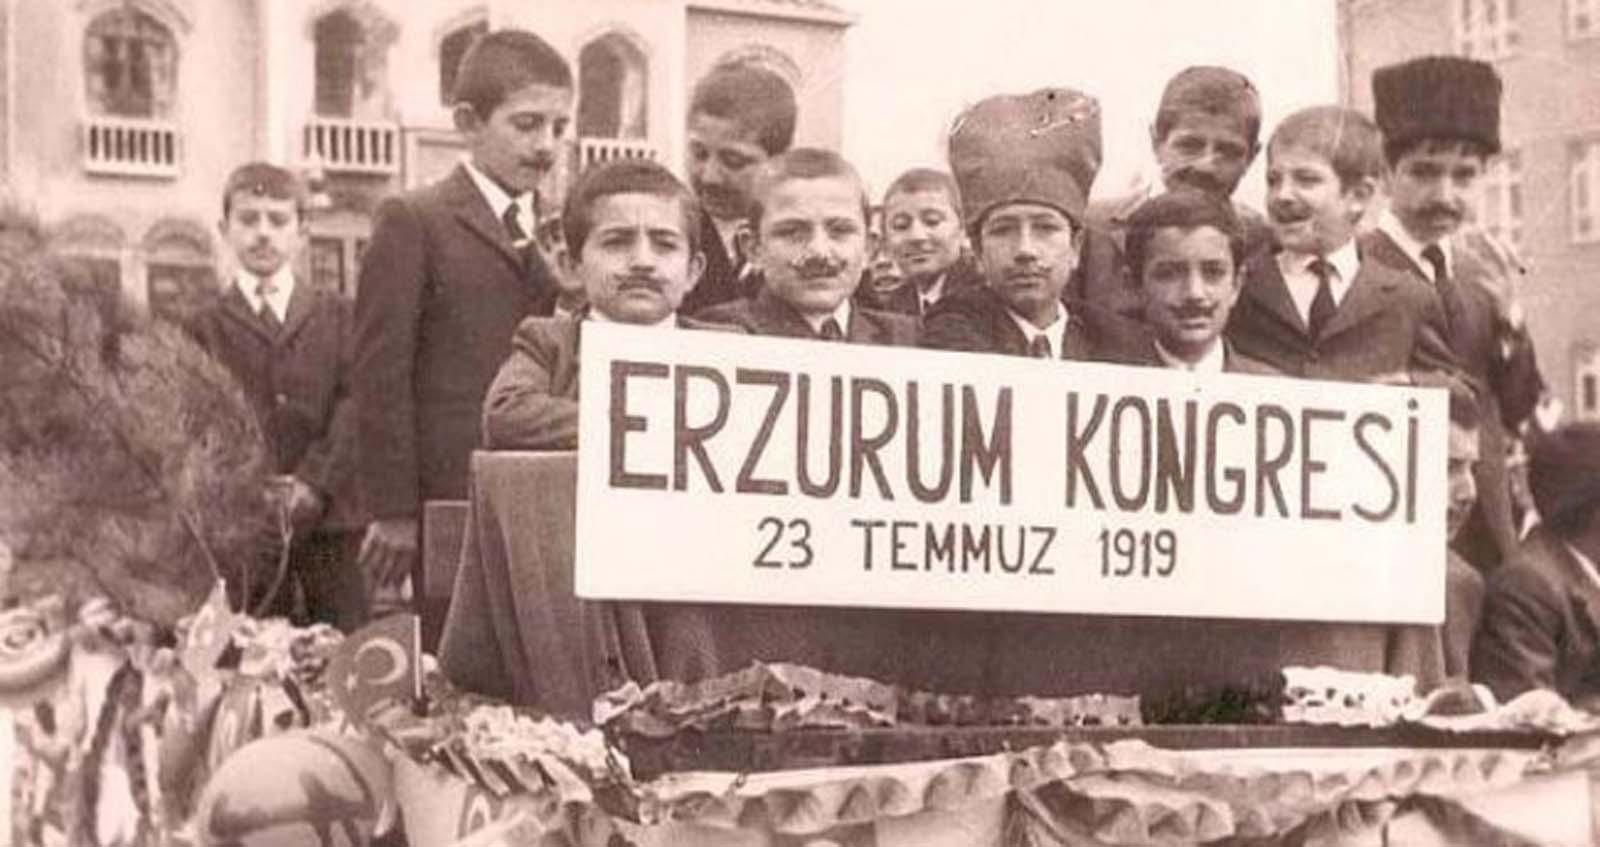 Erzurum Kongresi alınan kararlar   Erzurum Kongresi görselleri, fotoğrafları  Erzurum Kongresi Atatürk sözleri